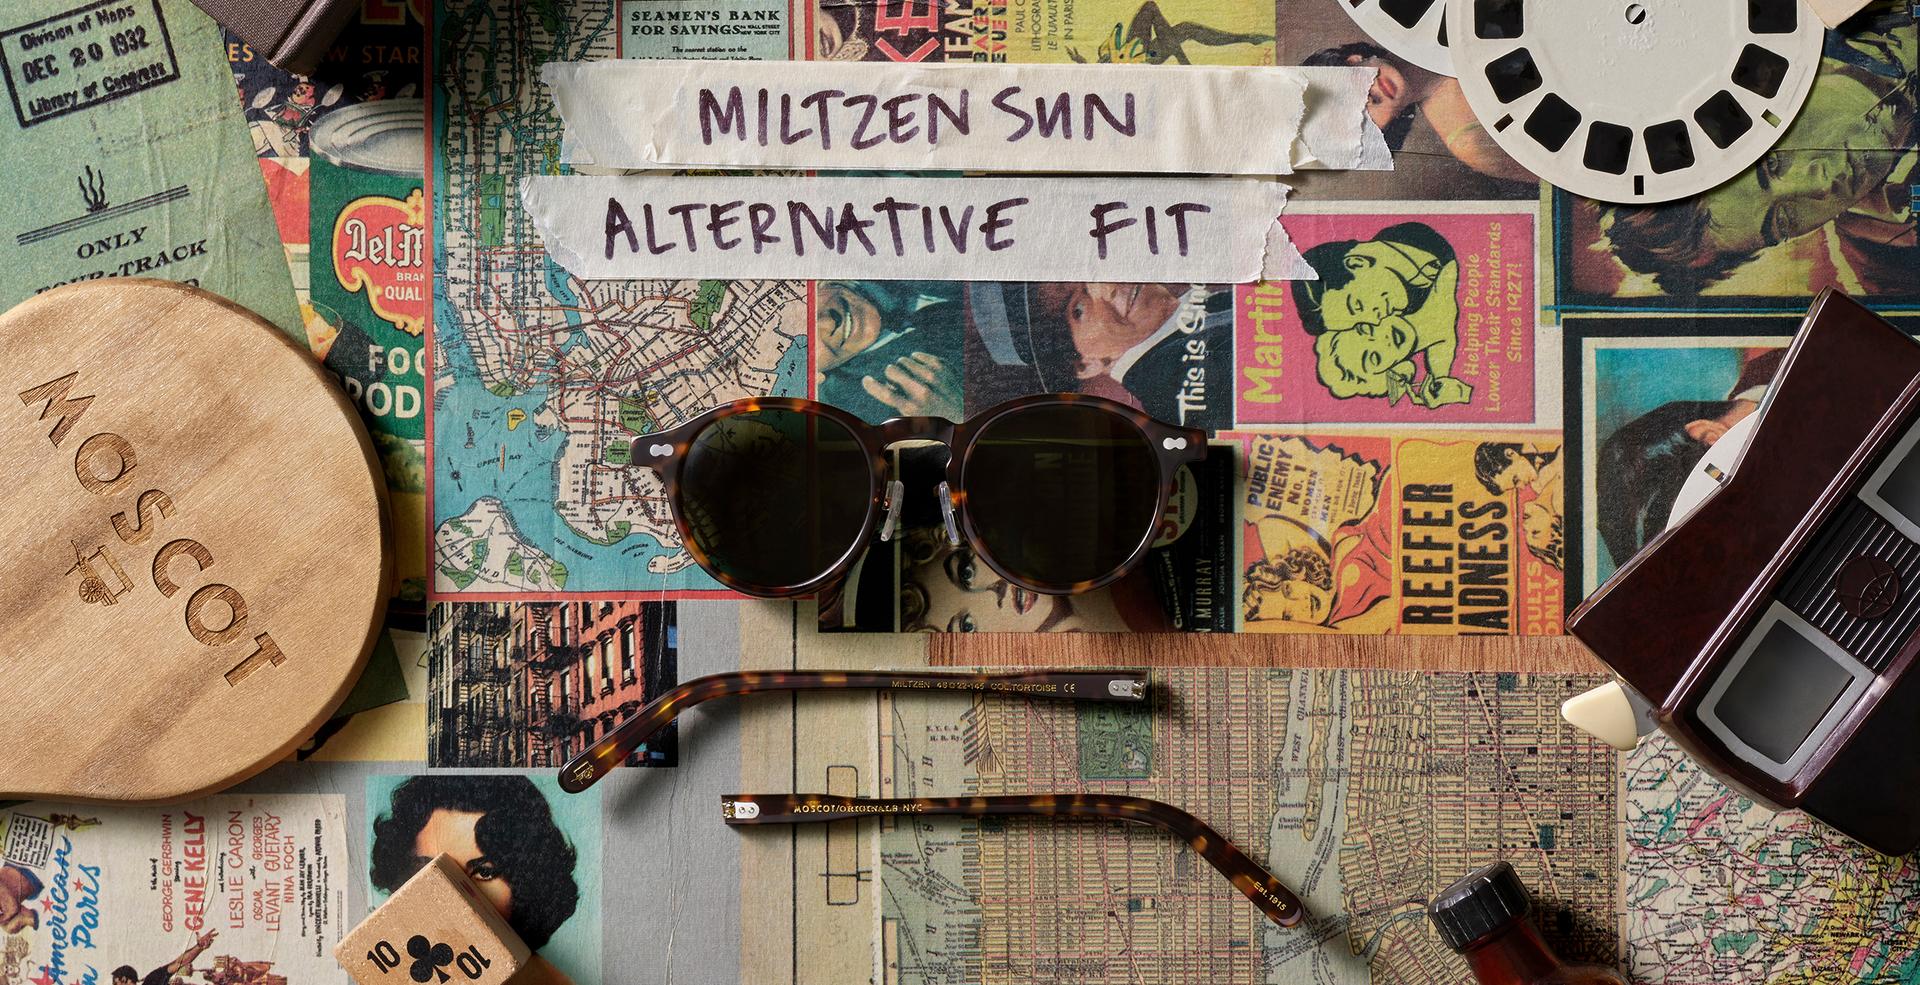 MILTZEN SUN Alternative Fit